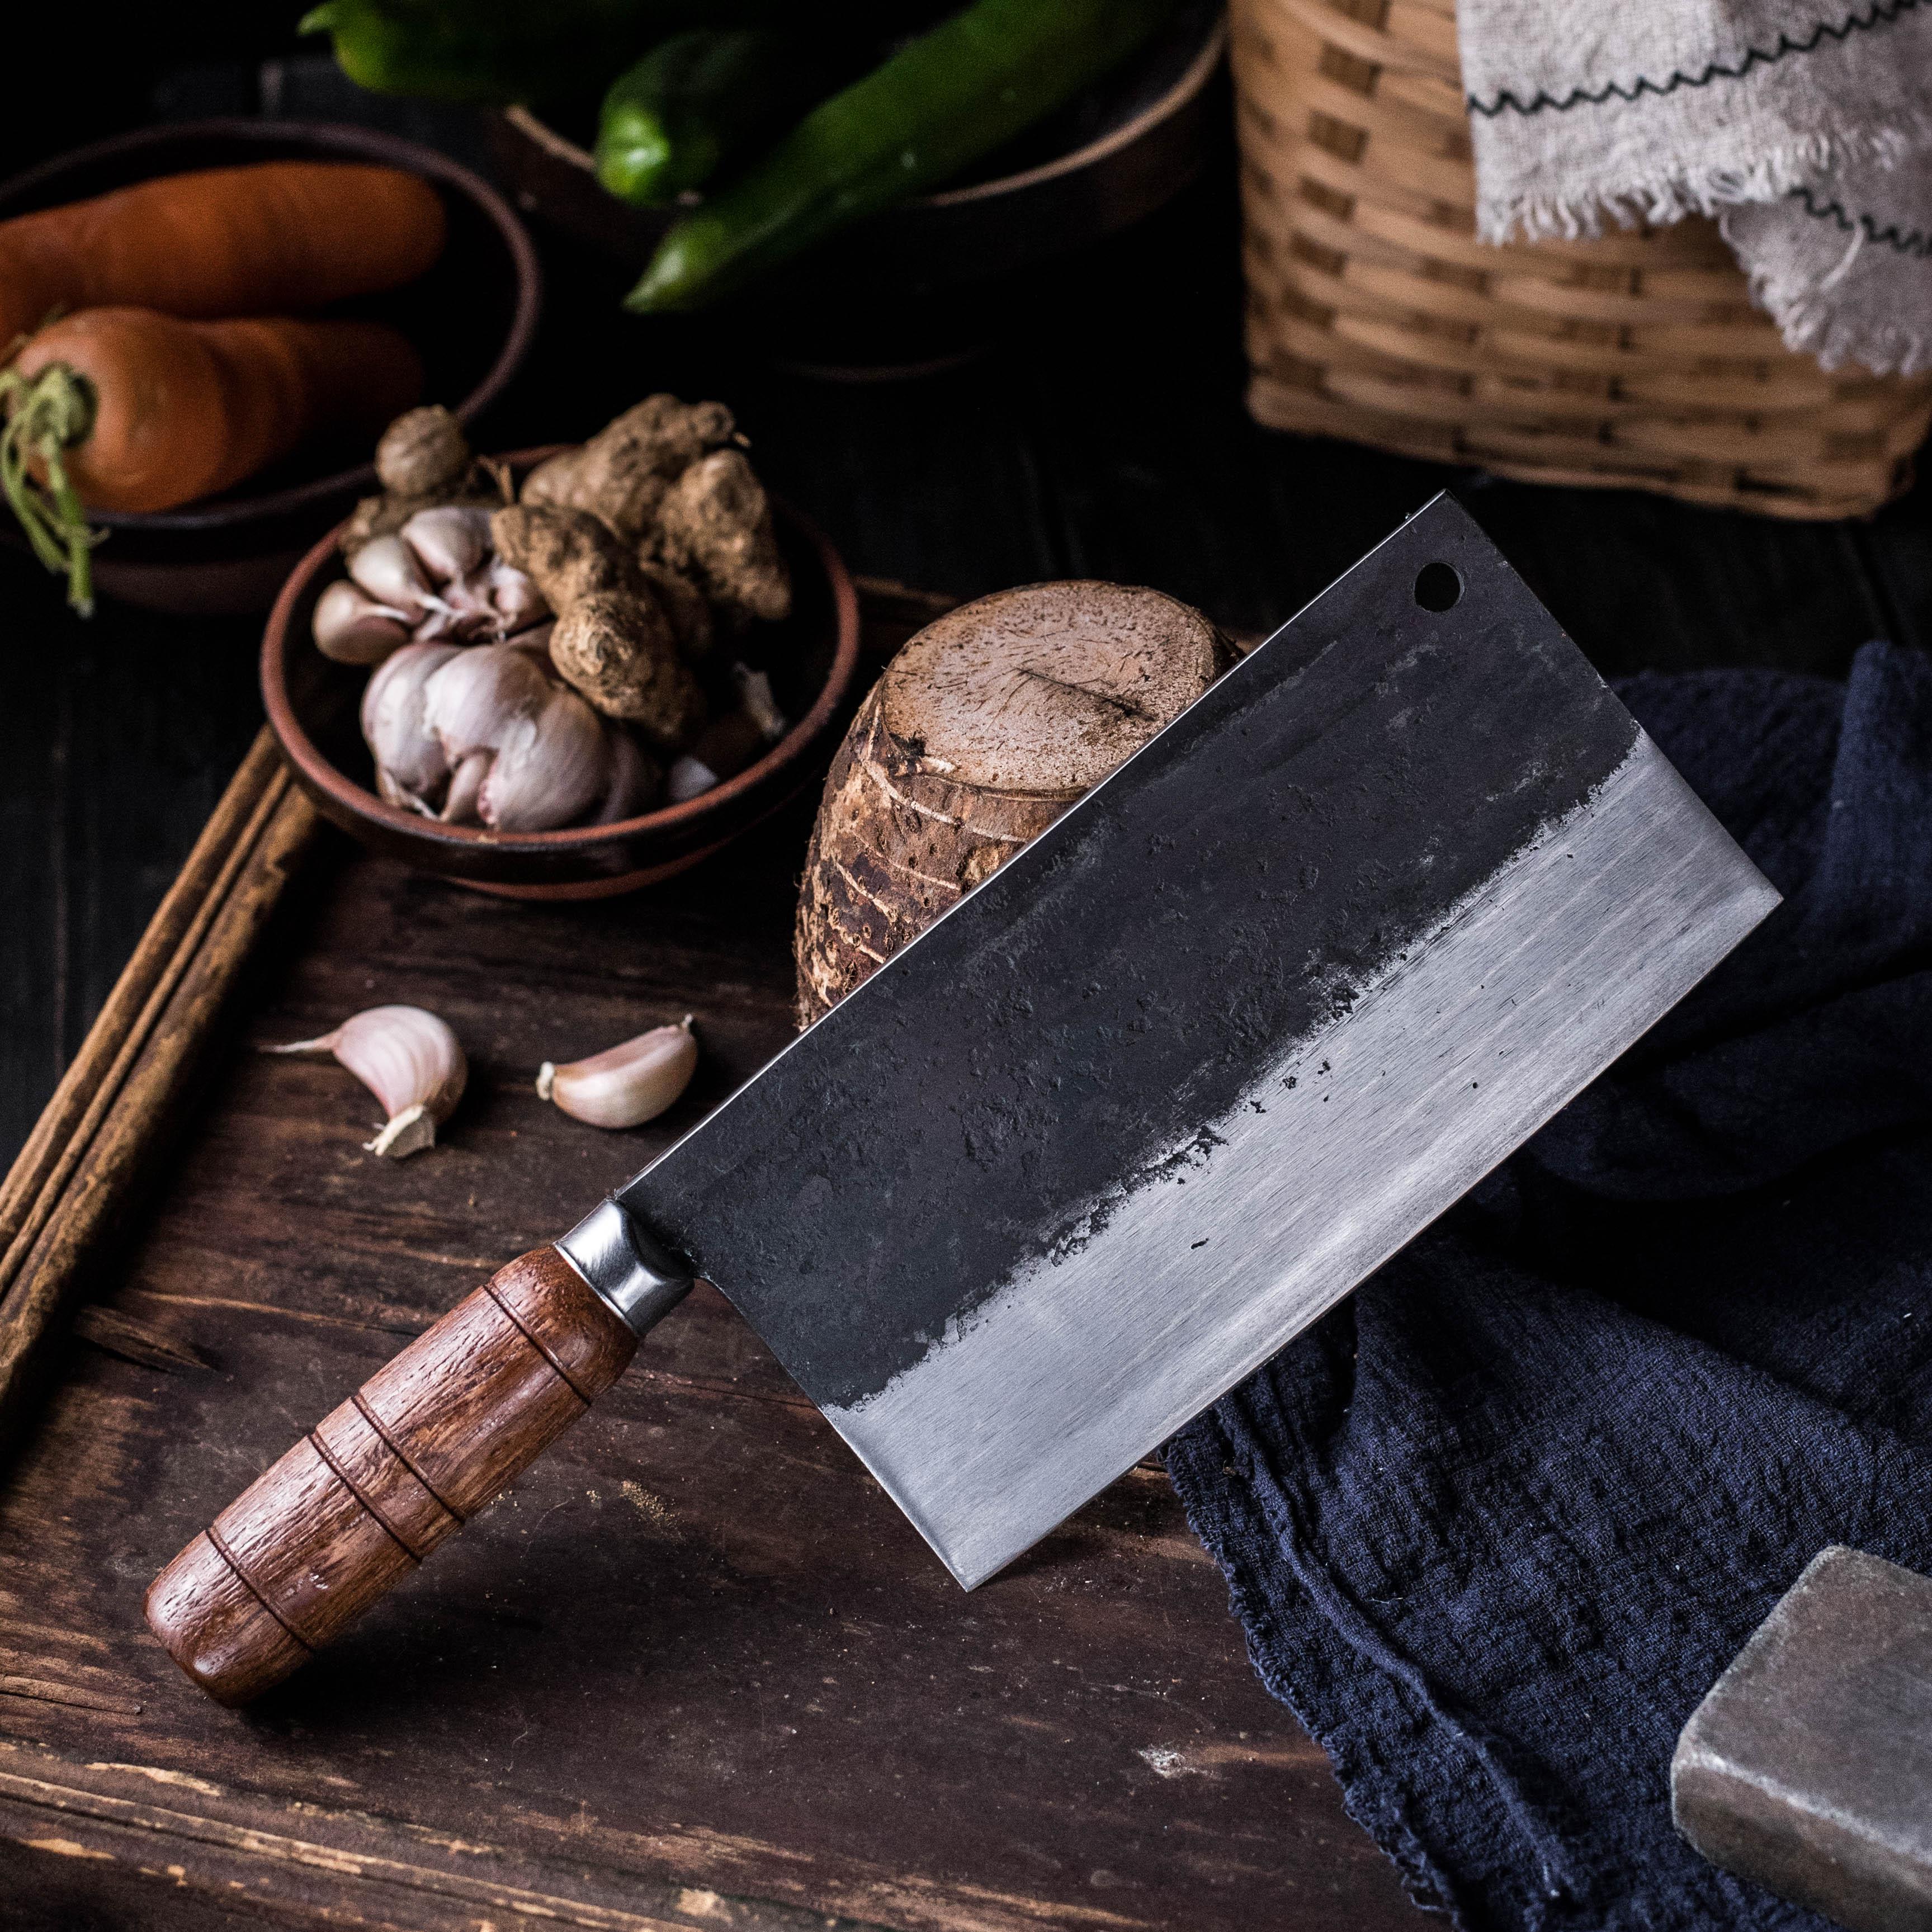 Couteau de cuisine pour la viande et les légumes | Fait à la main traditionnel de Style chinois, couteaux de cuisine, couteau spécial du Chef, trancheur ménager